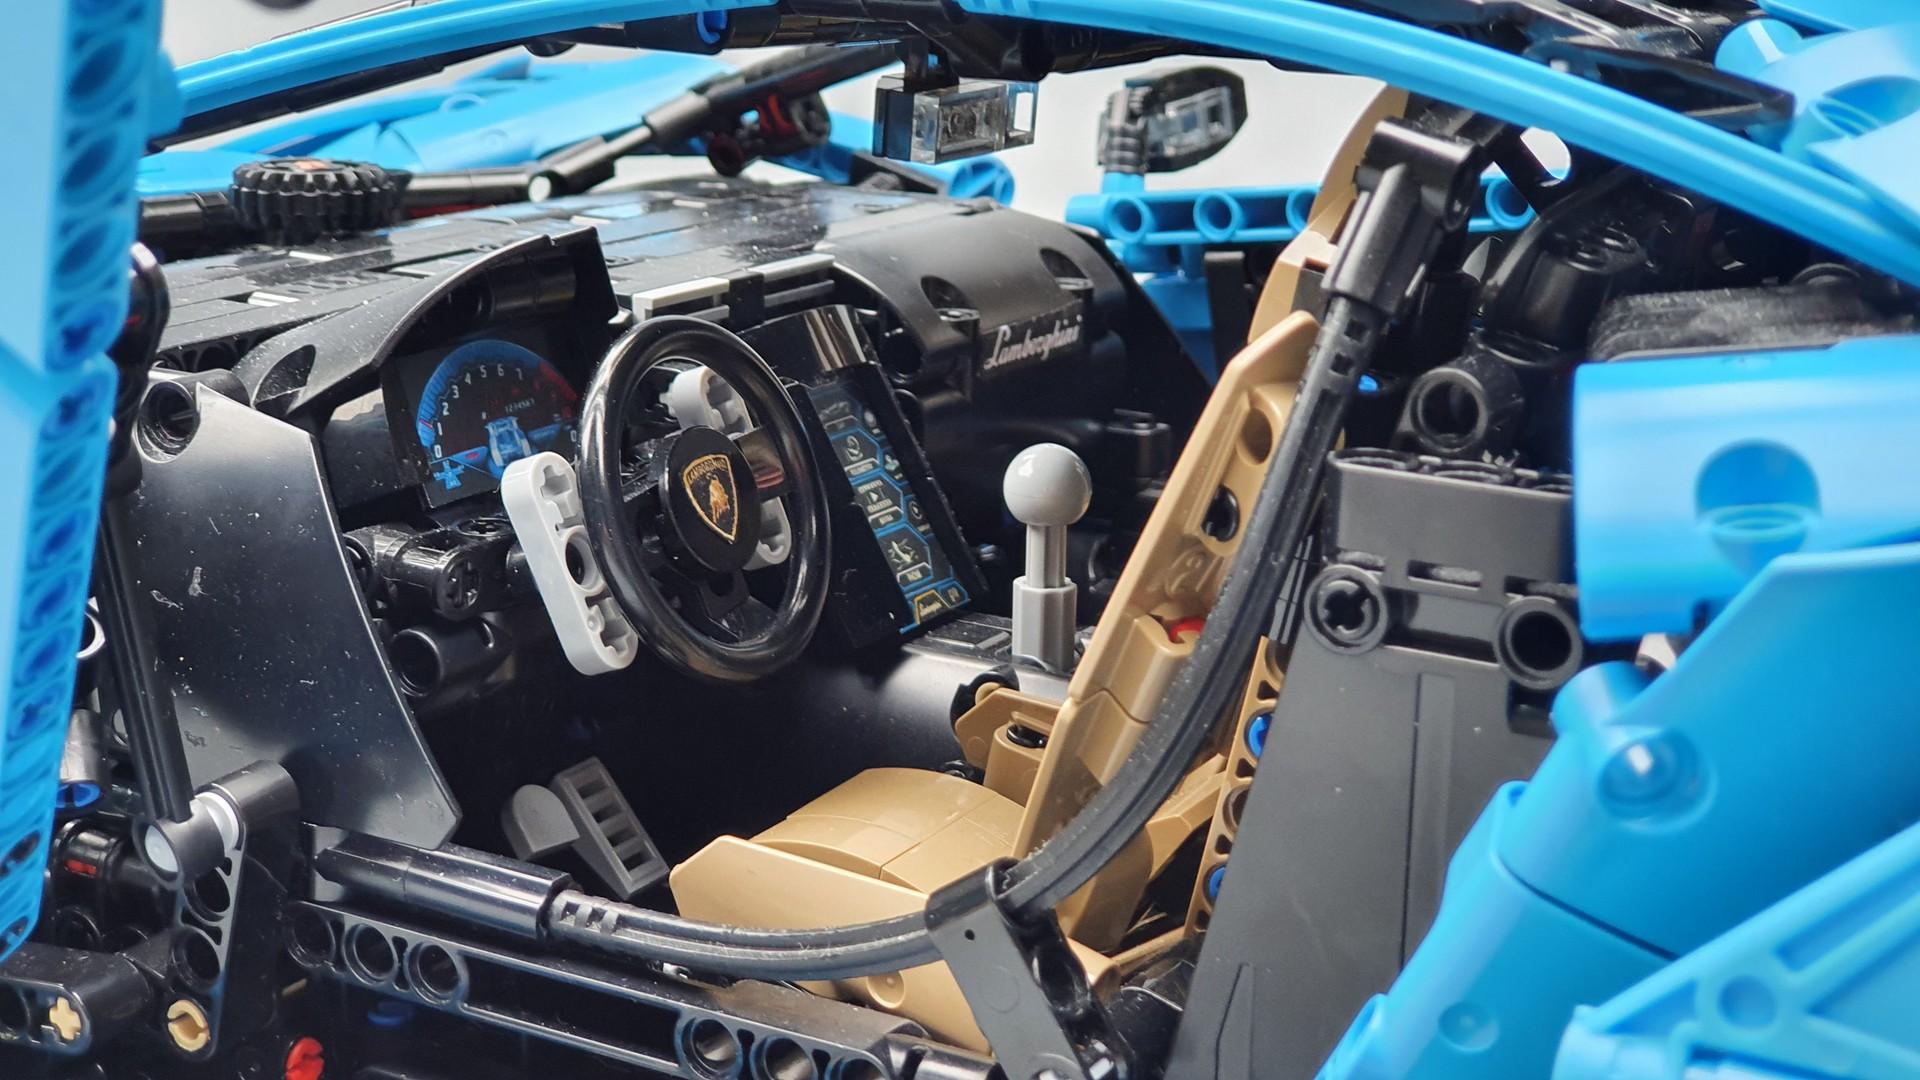 Quelle: Rebrickable - T-Lego Lamborghini Centenario Innenraum